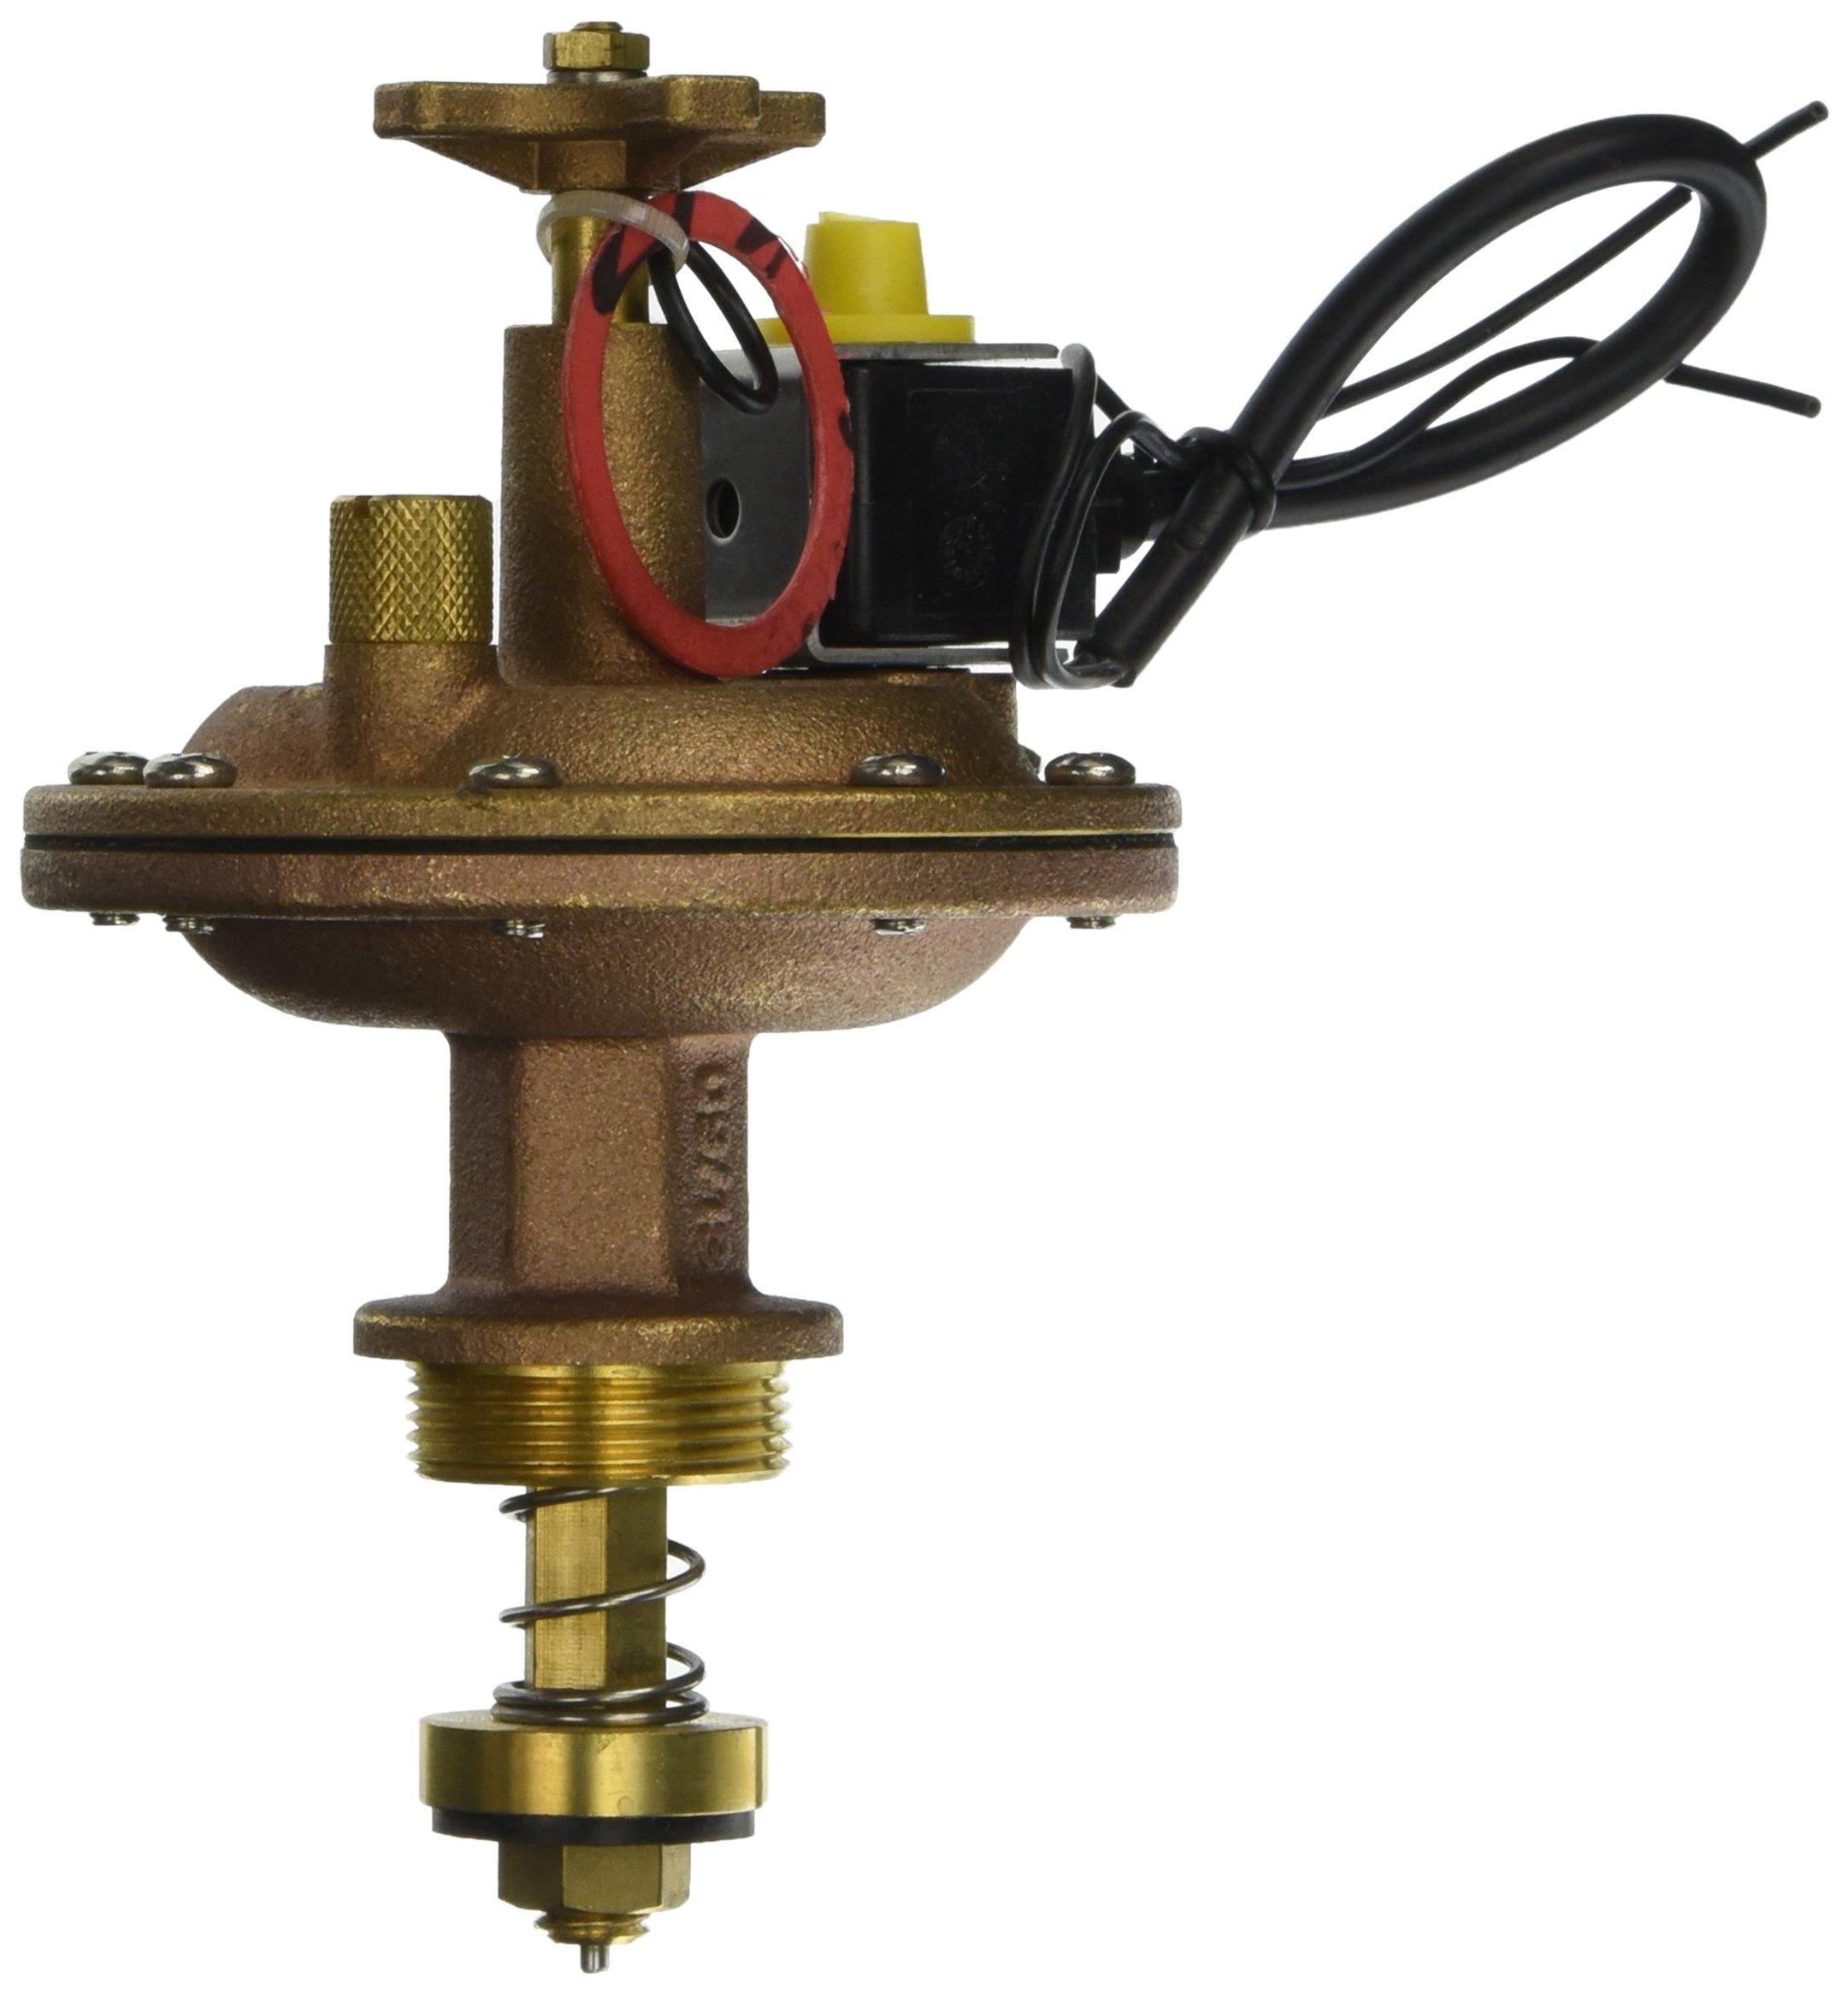 Orbit WaterMaster Underground 57034 3/4-Inch Brass Automatic Converter Valve